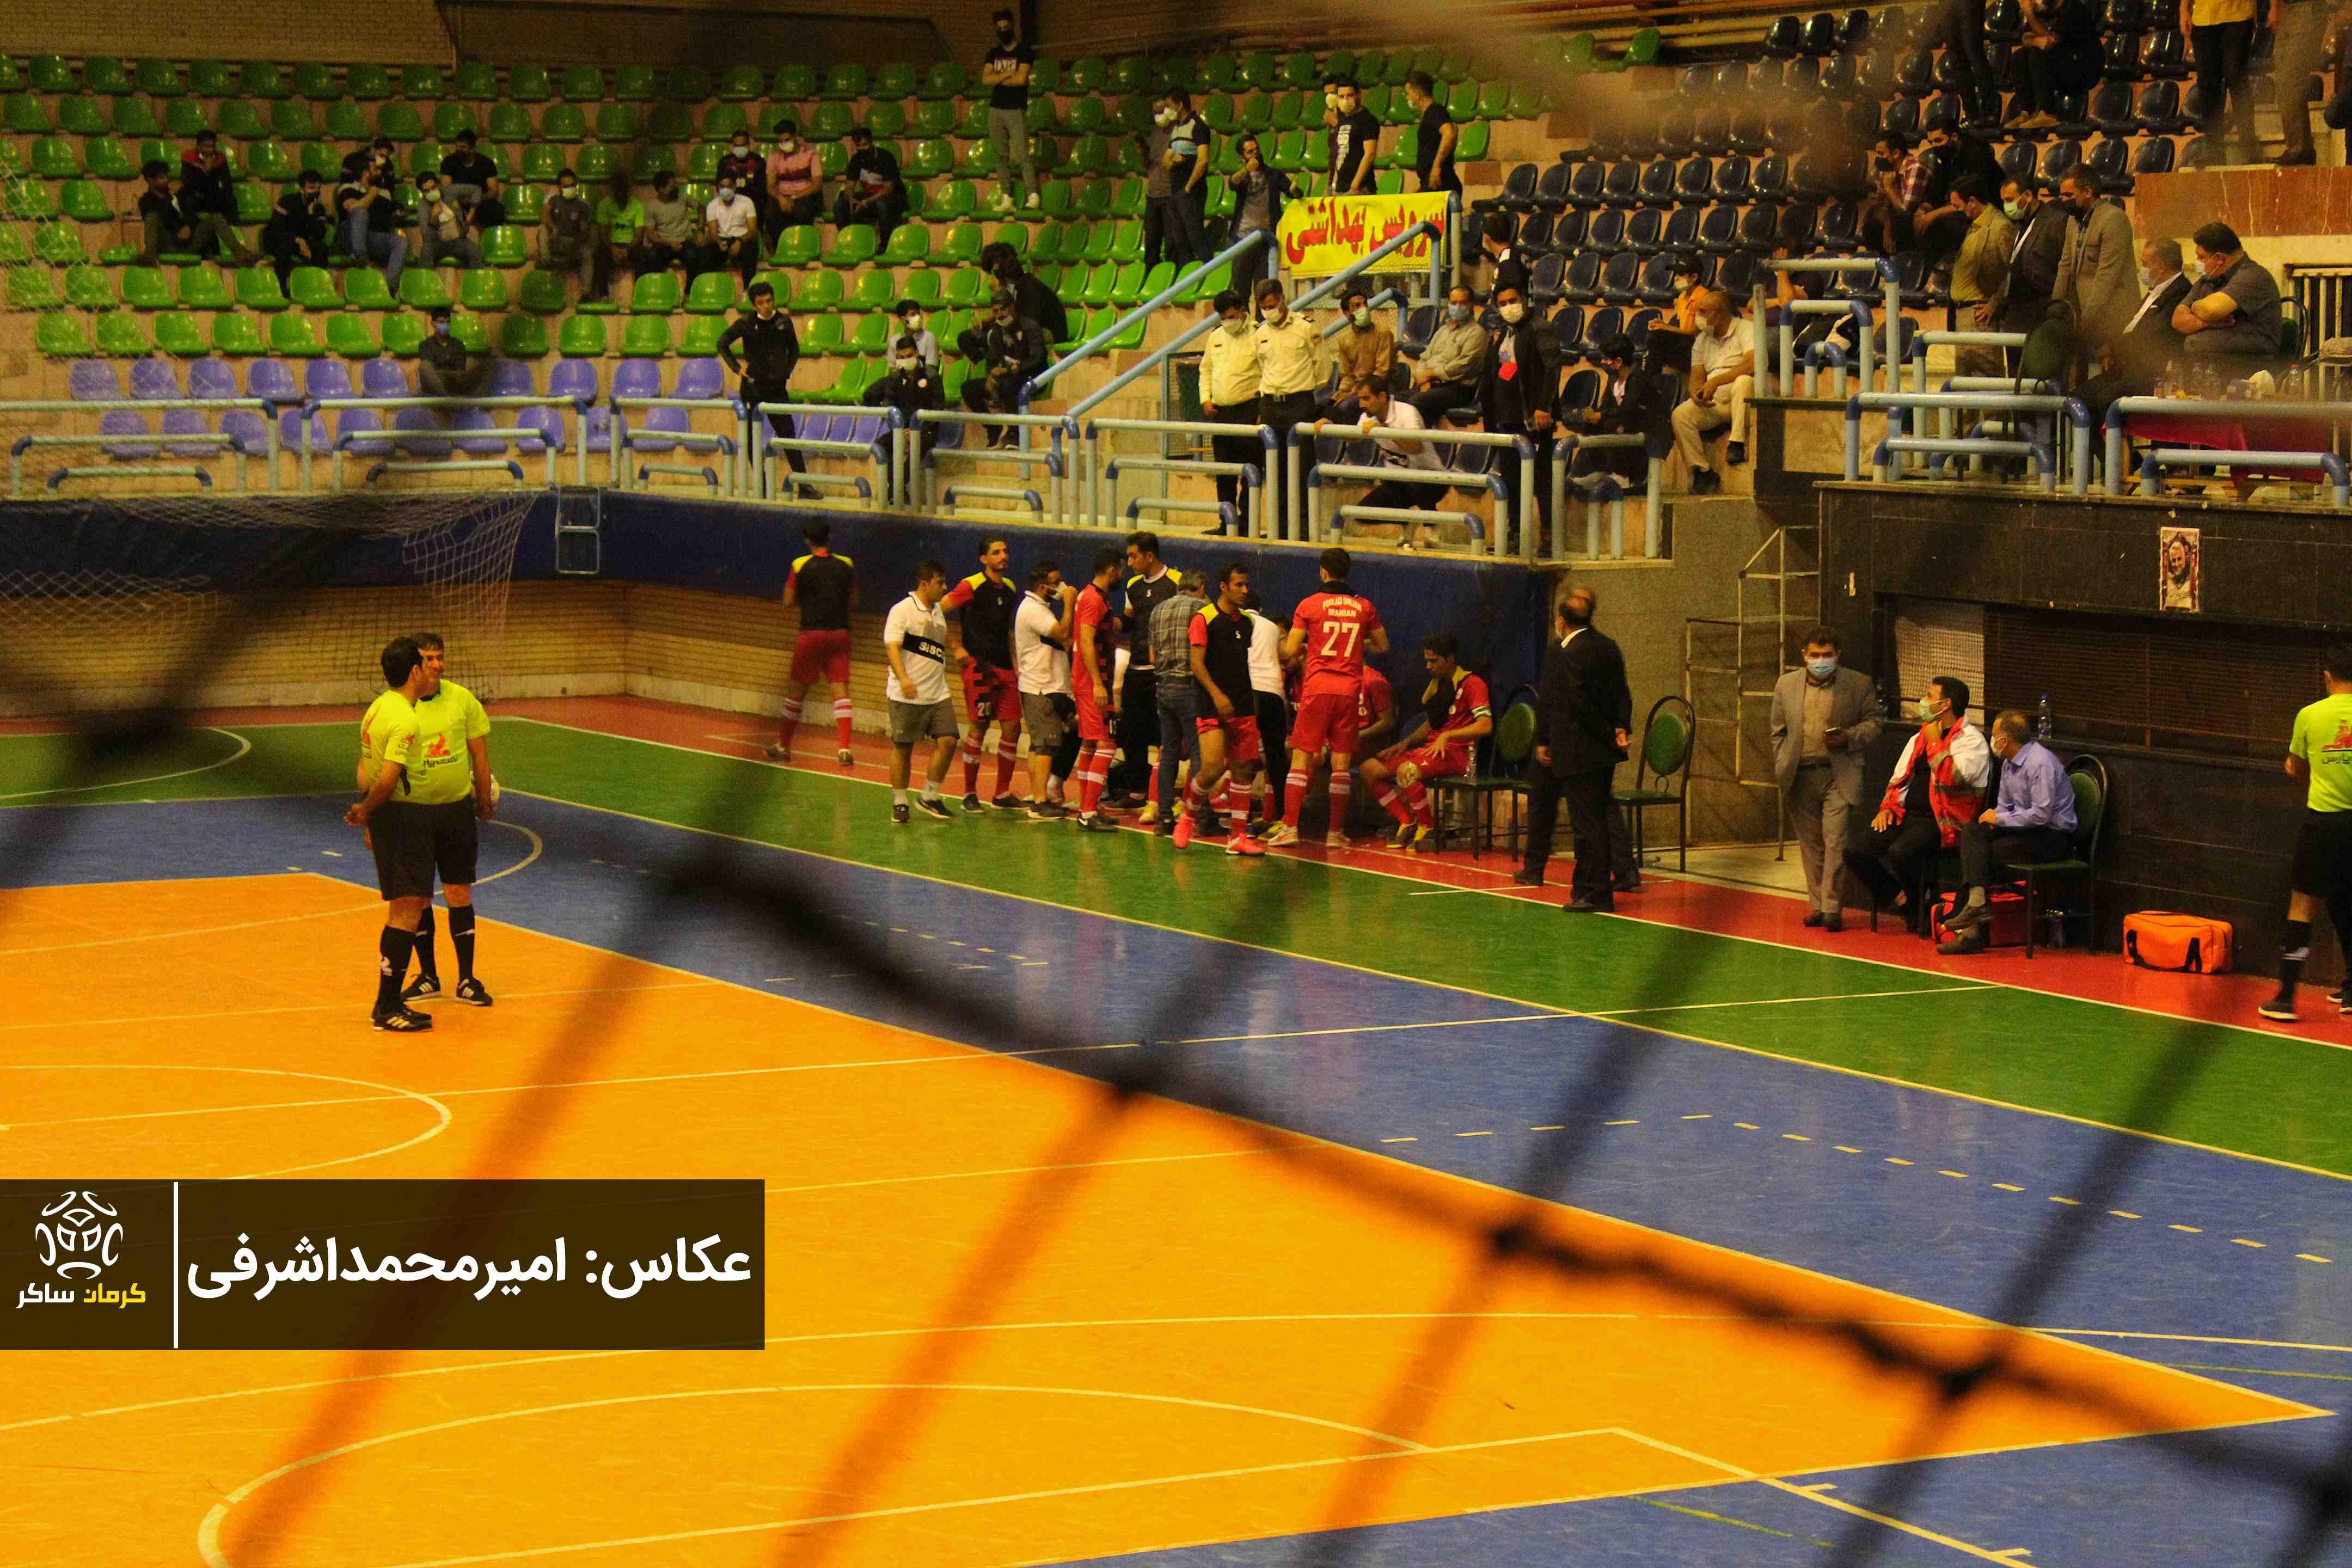 گزارش تصویری: هفته دوازدهم لیگ دسته اول فوتسال کشور/ فولادسیرجان ایرانیان - زندی بتن کلاردشت از نگاه دوربین امیرمحمداشرفی